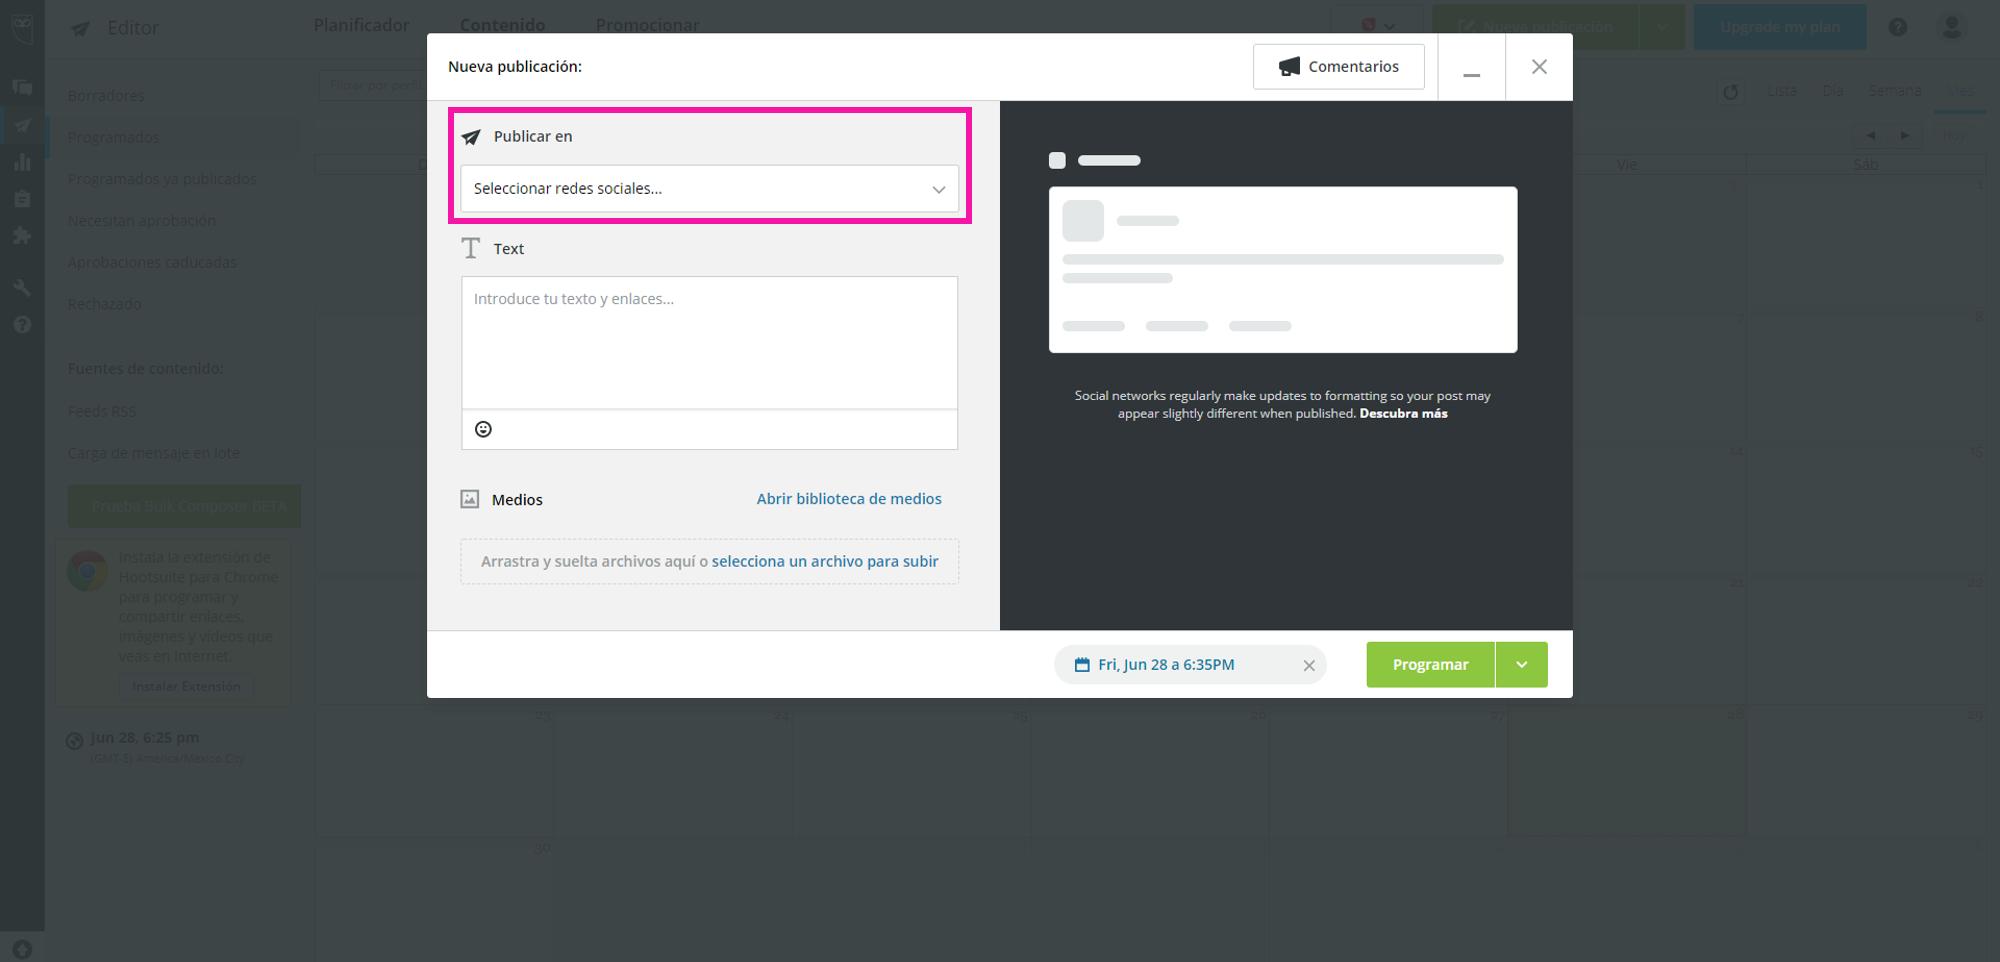 Captura de pantalla mostrando el lugar para seleccionar la red social